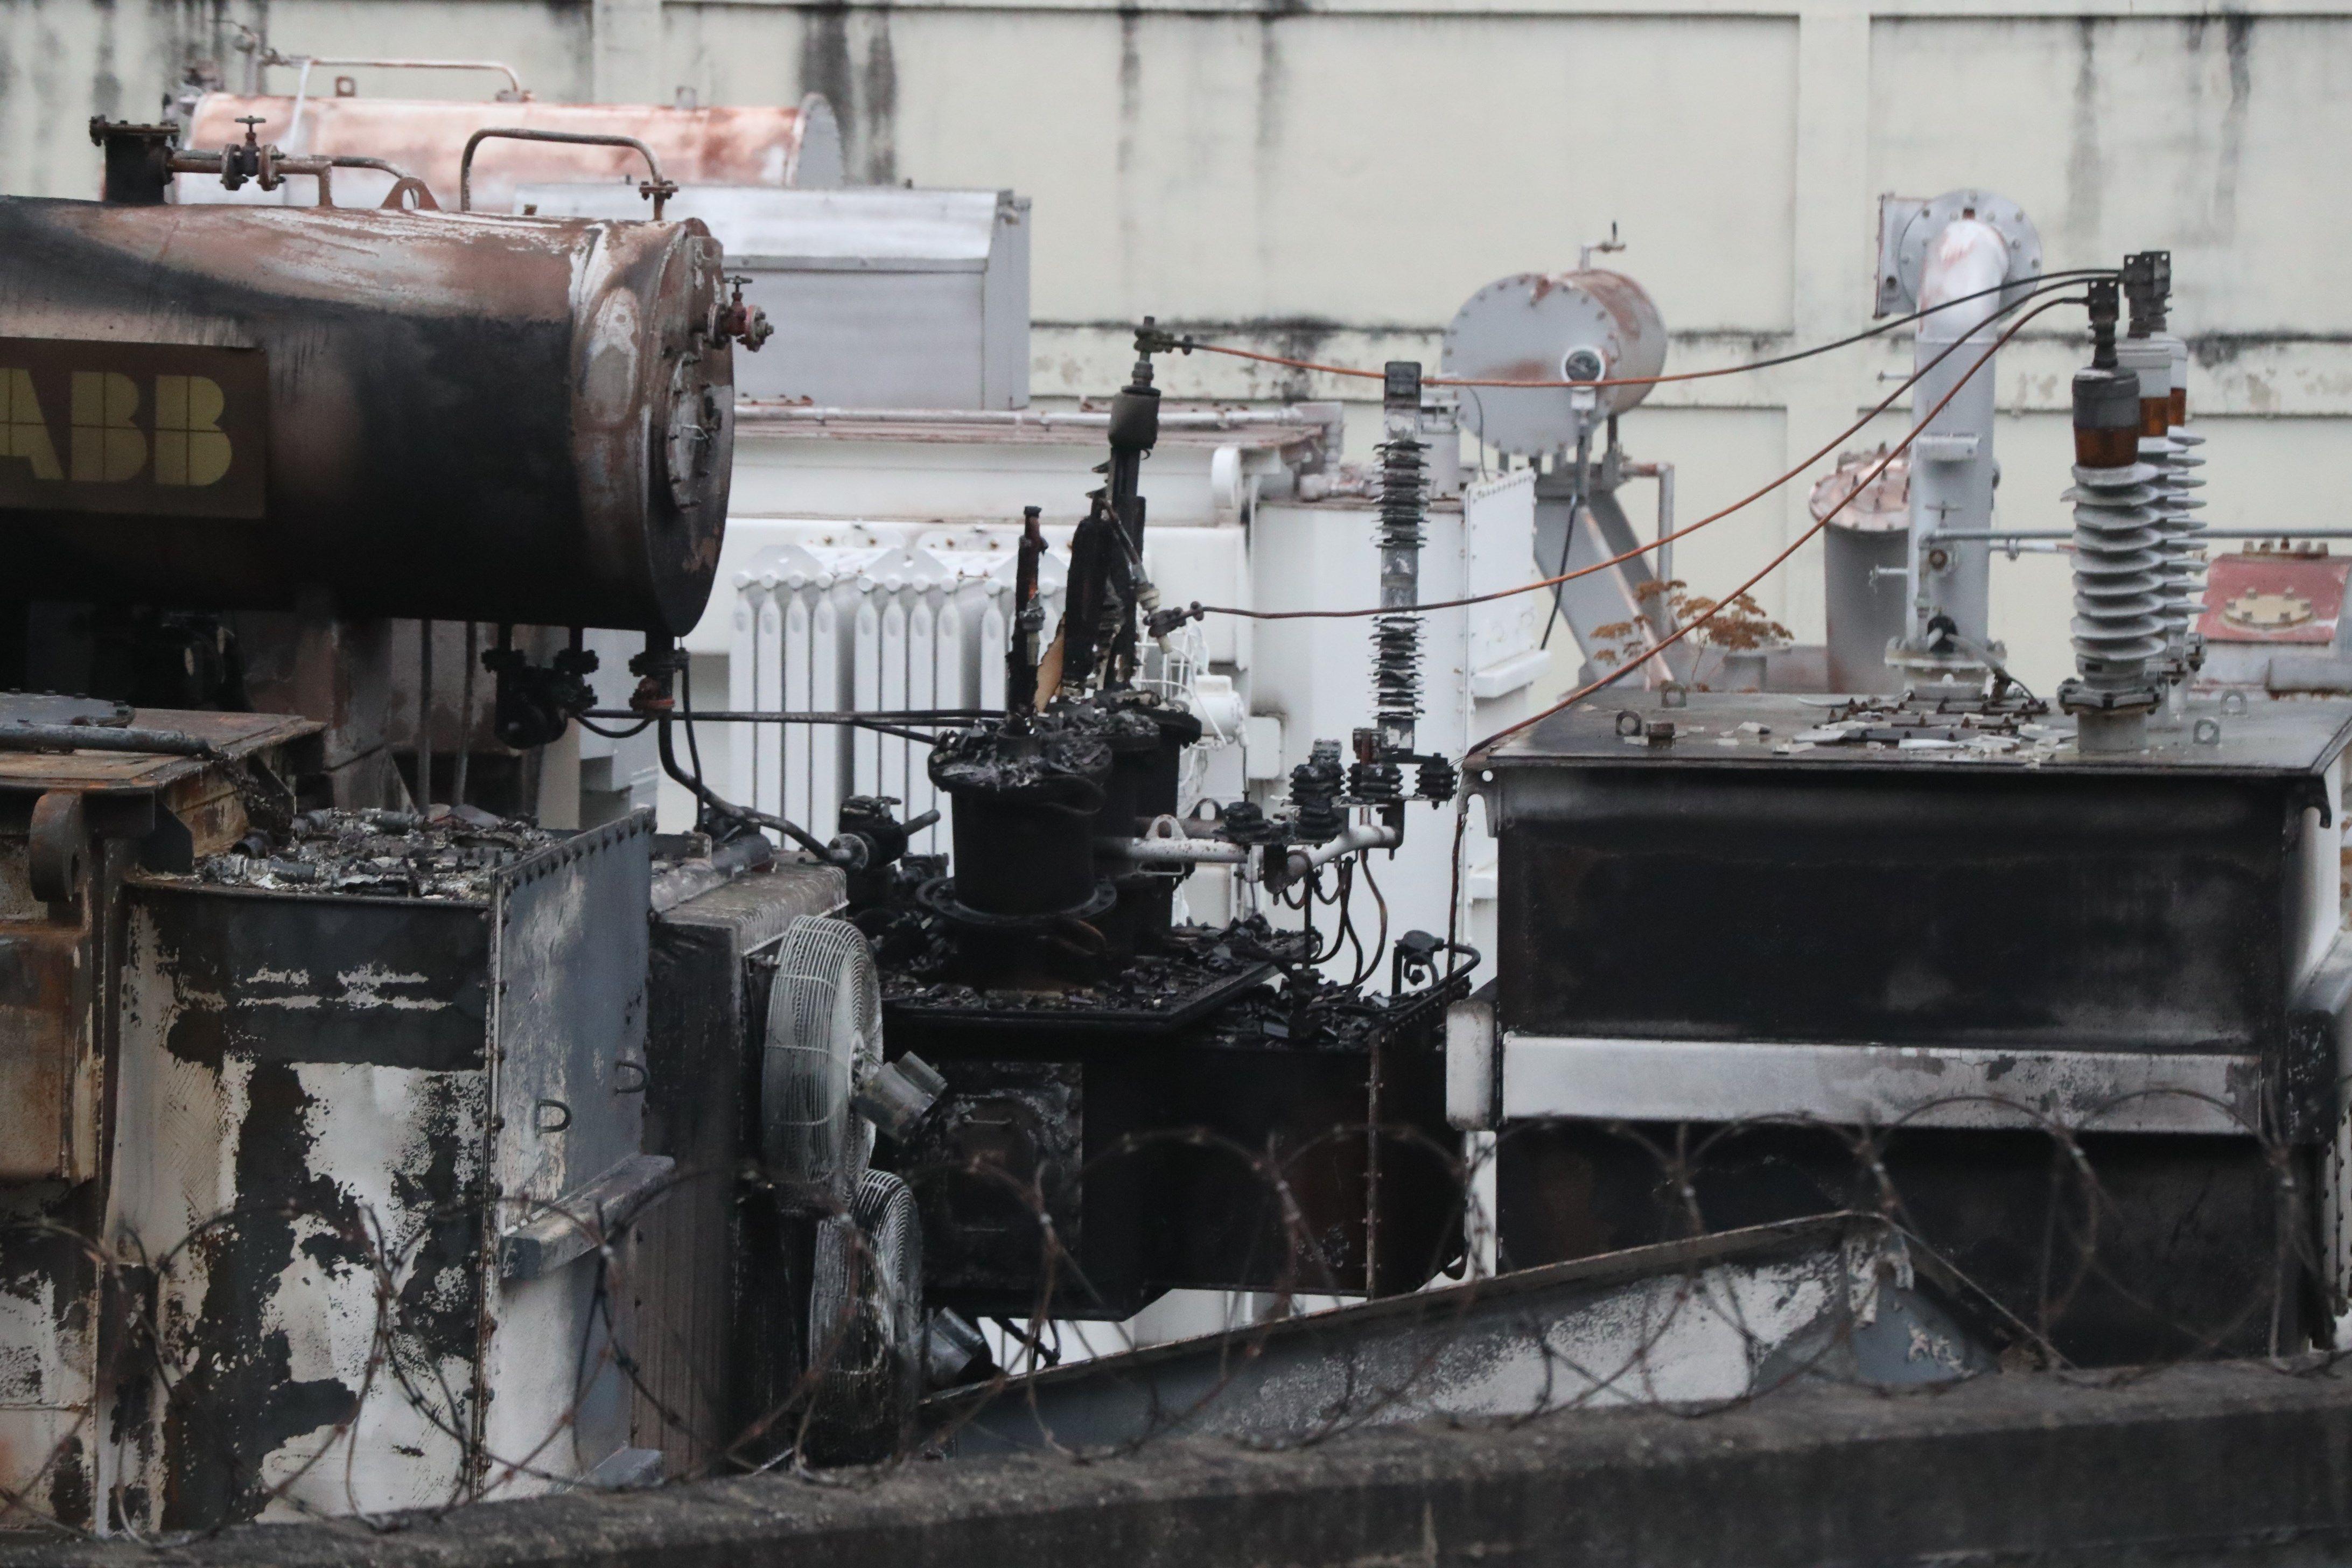 El incendio se produjo en medio del peor apagón que se recuerde en el país(EFE/ Raul Martínez)